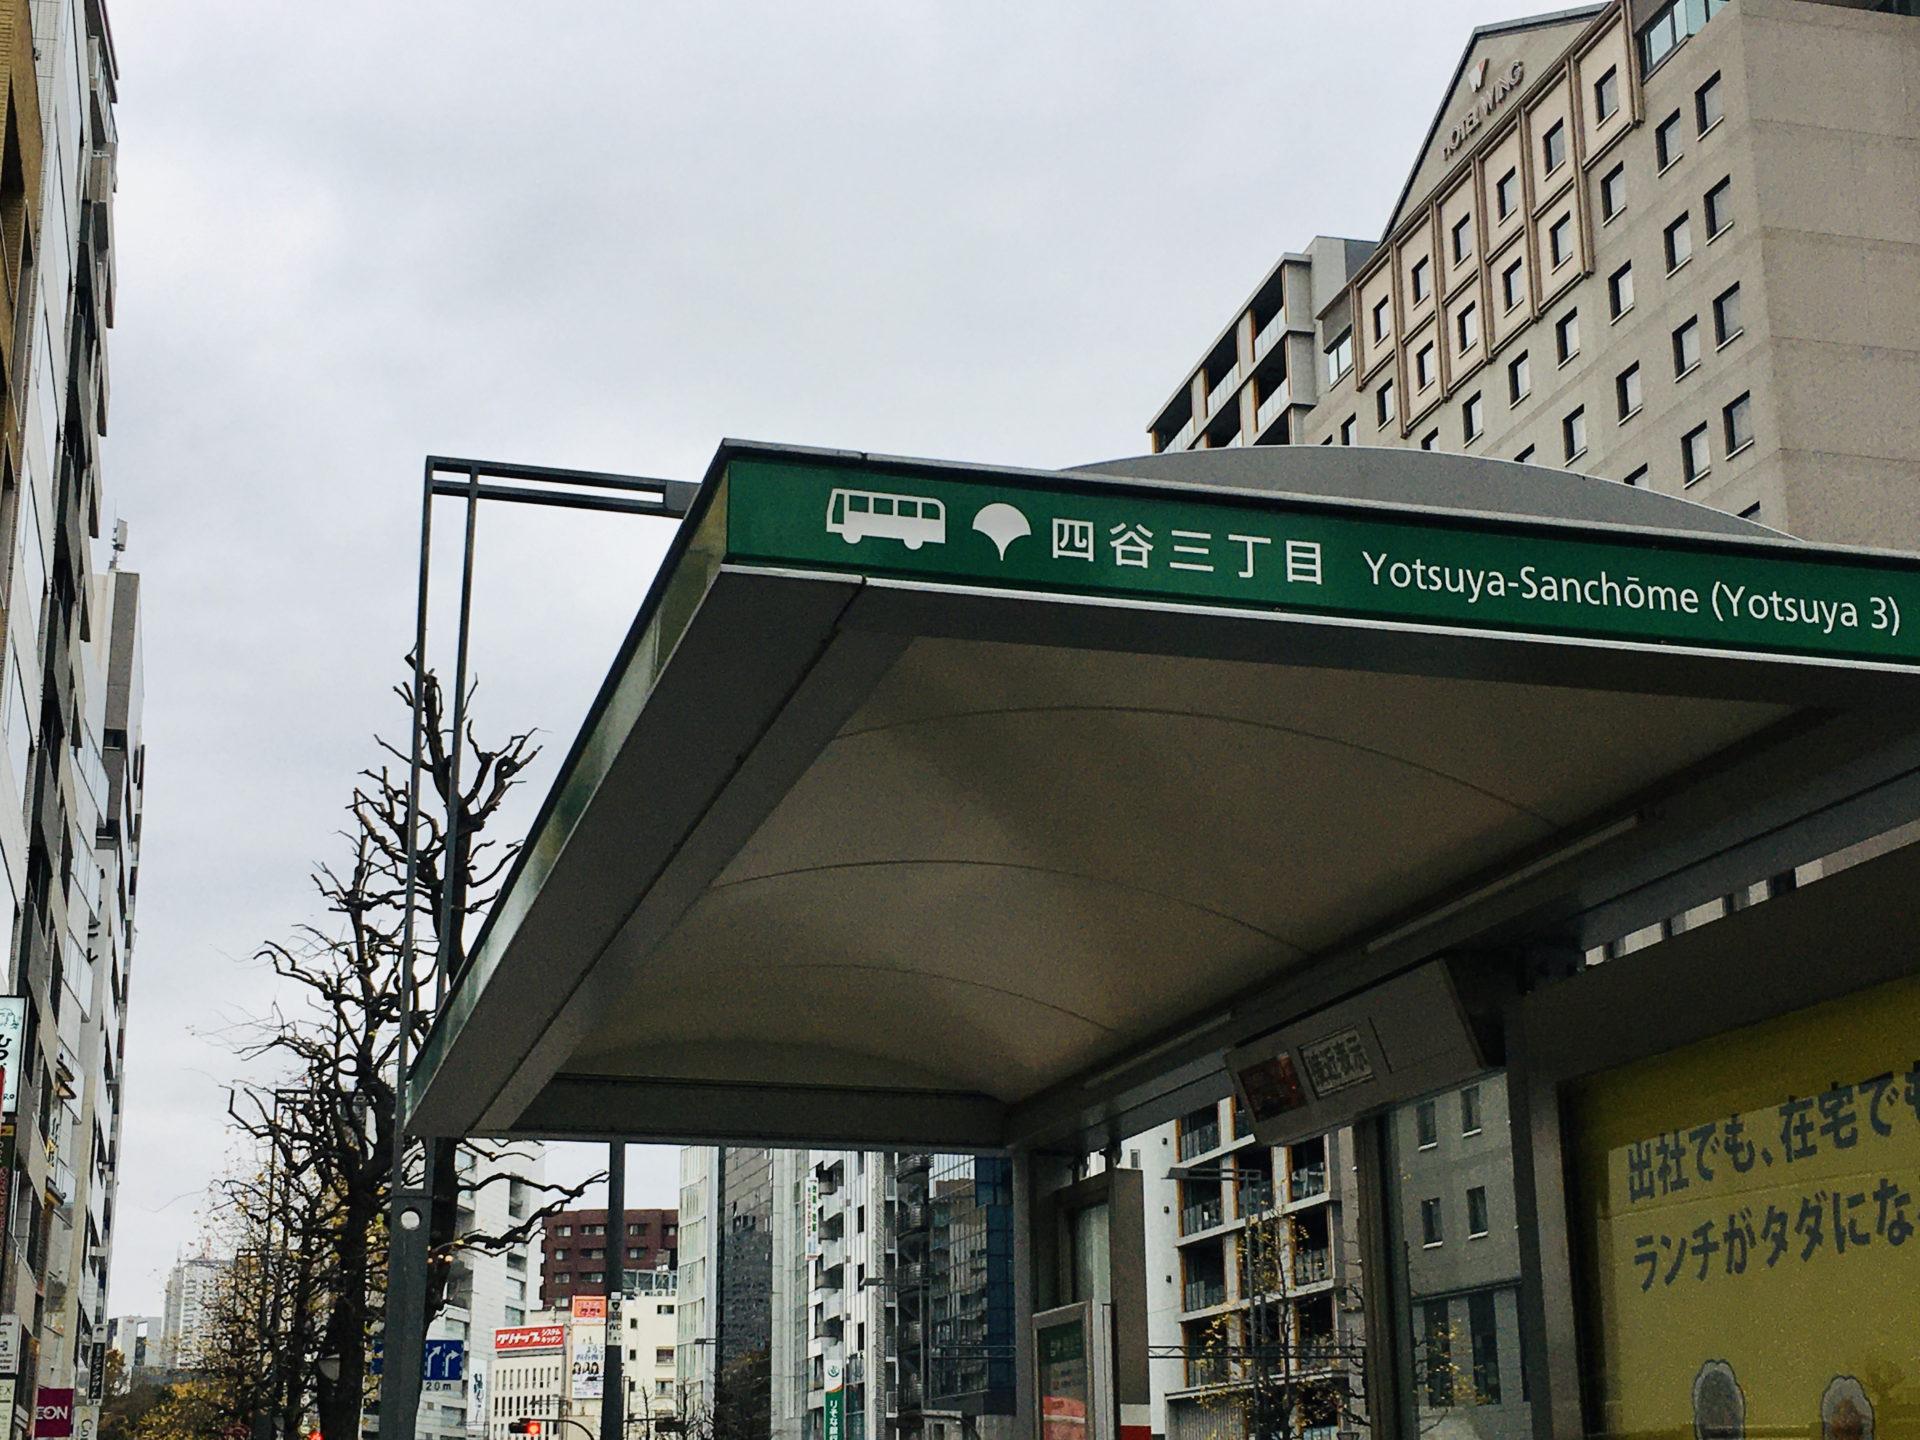 四谷三丁目のバス停